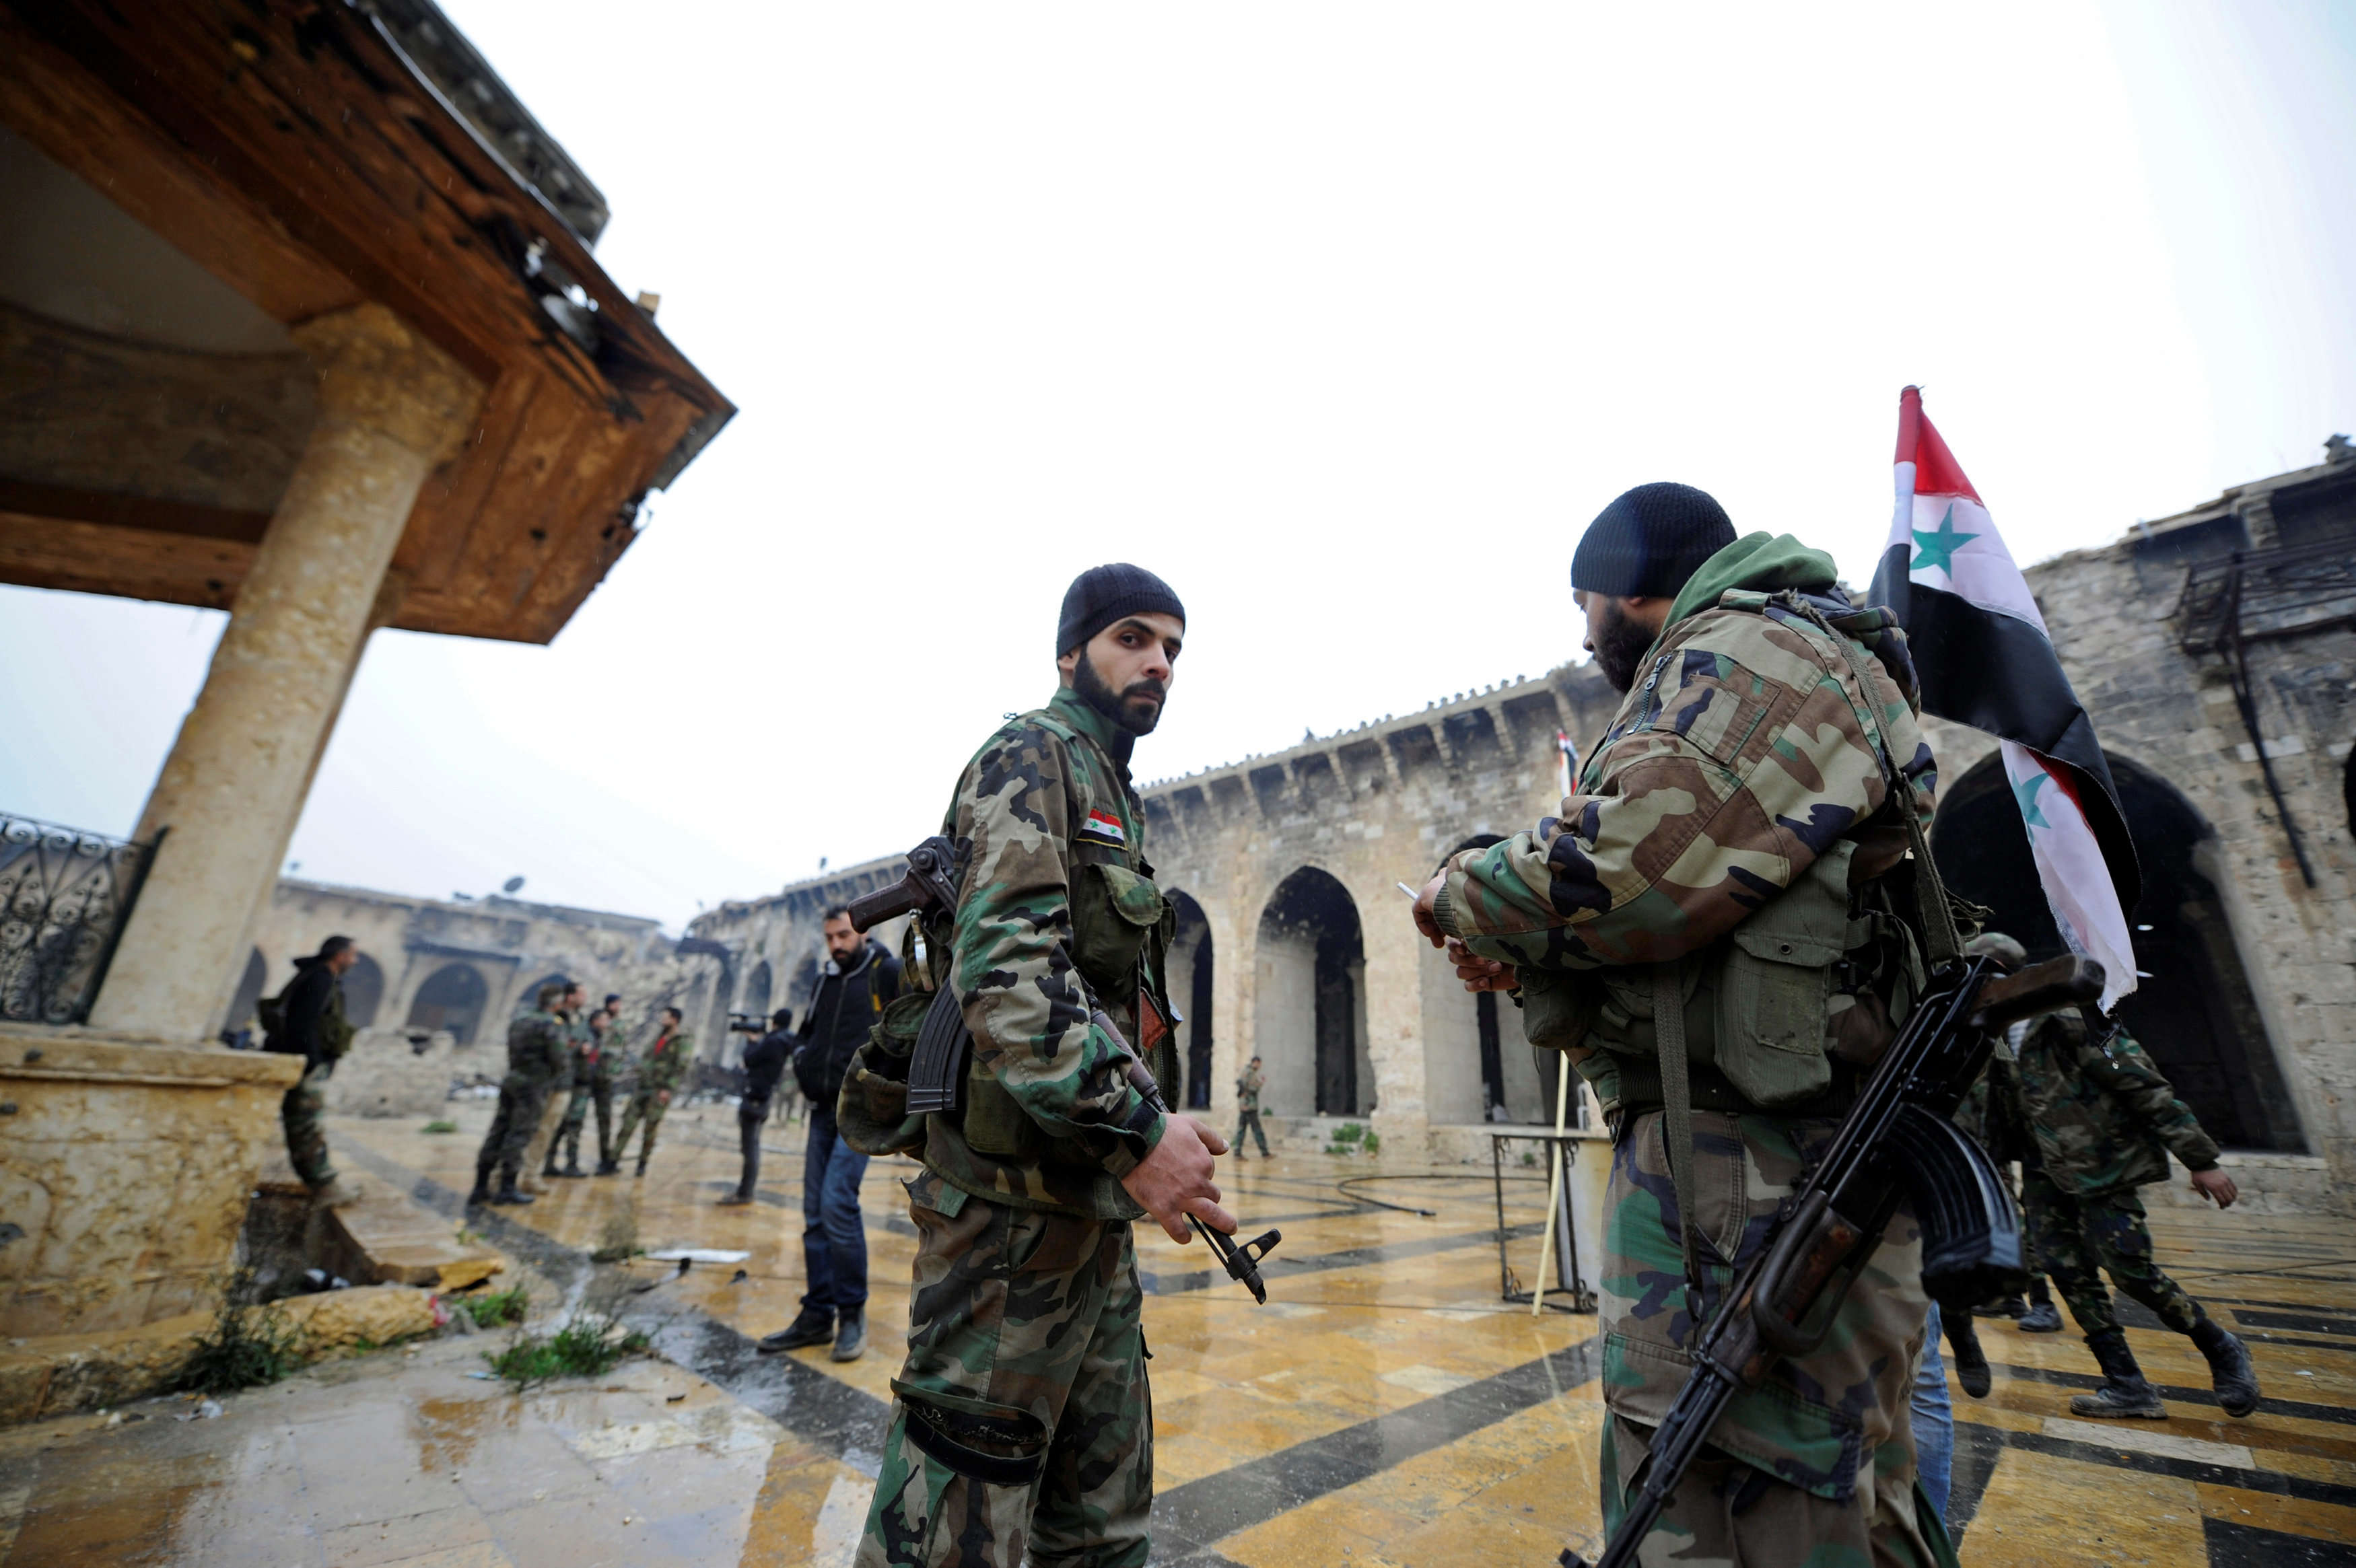 Alep, le 13 décembre 2016. Des soldats des forces gouvernementales, dans la mosquée des Omeyyades.